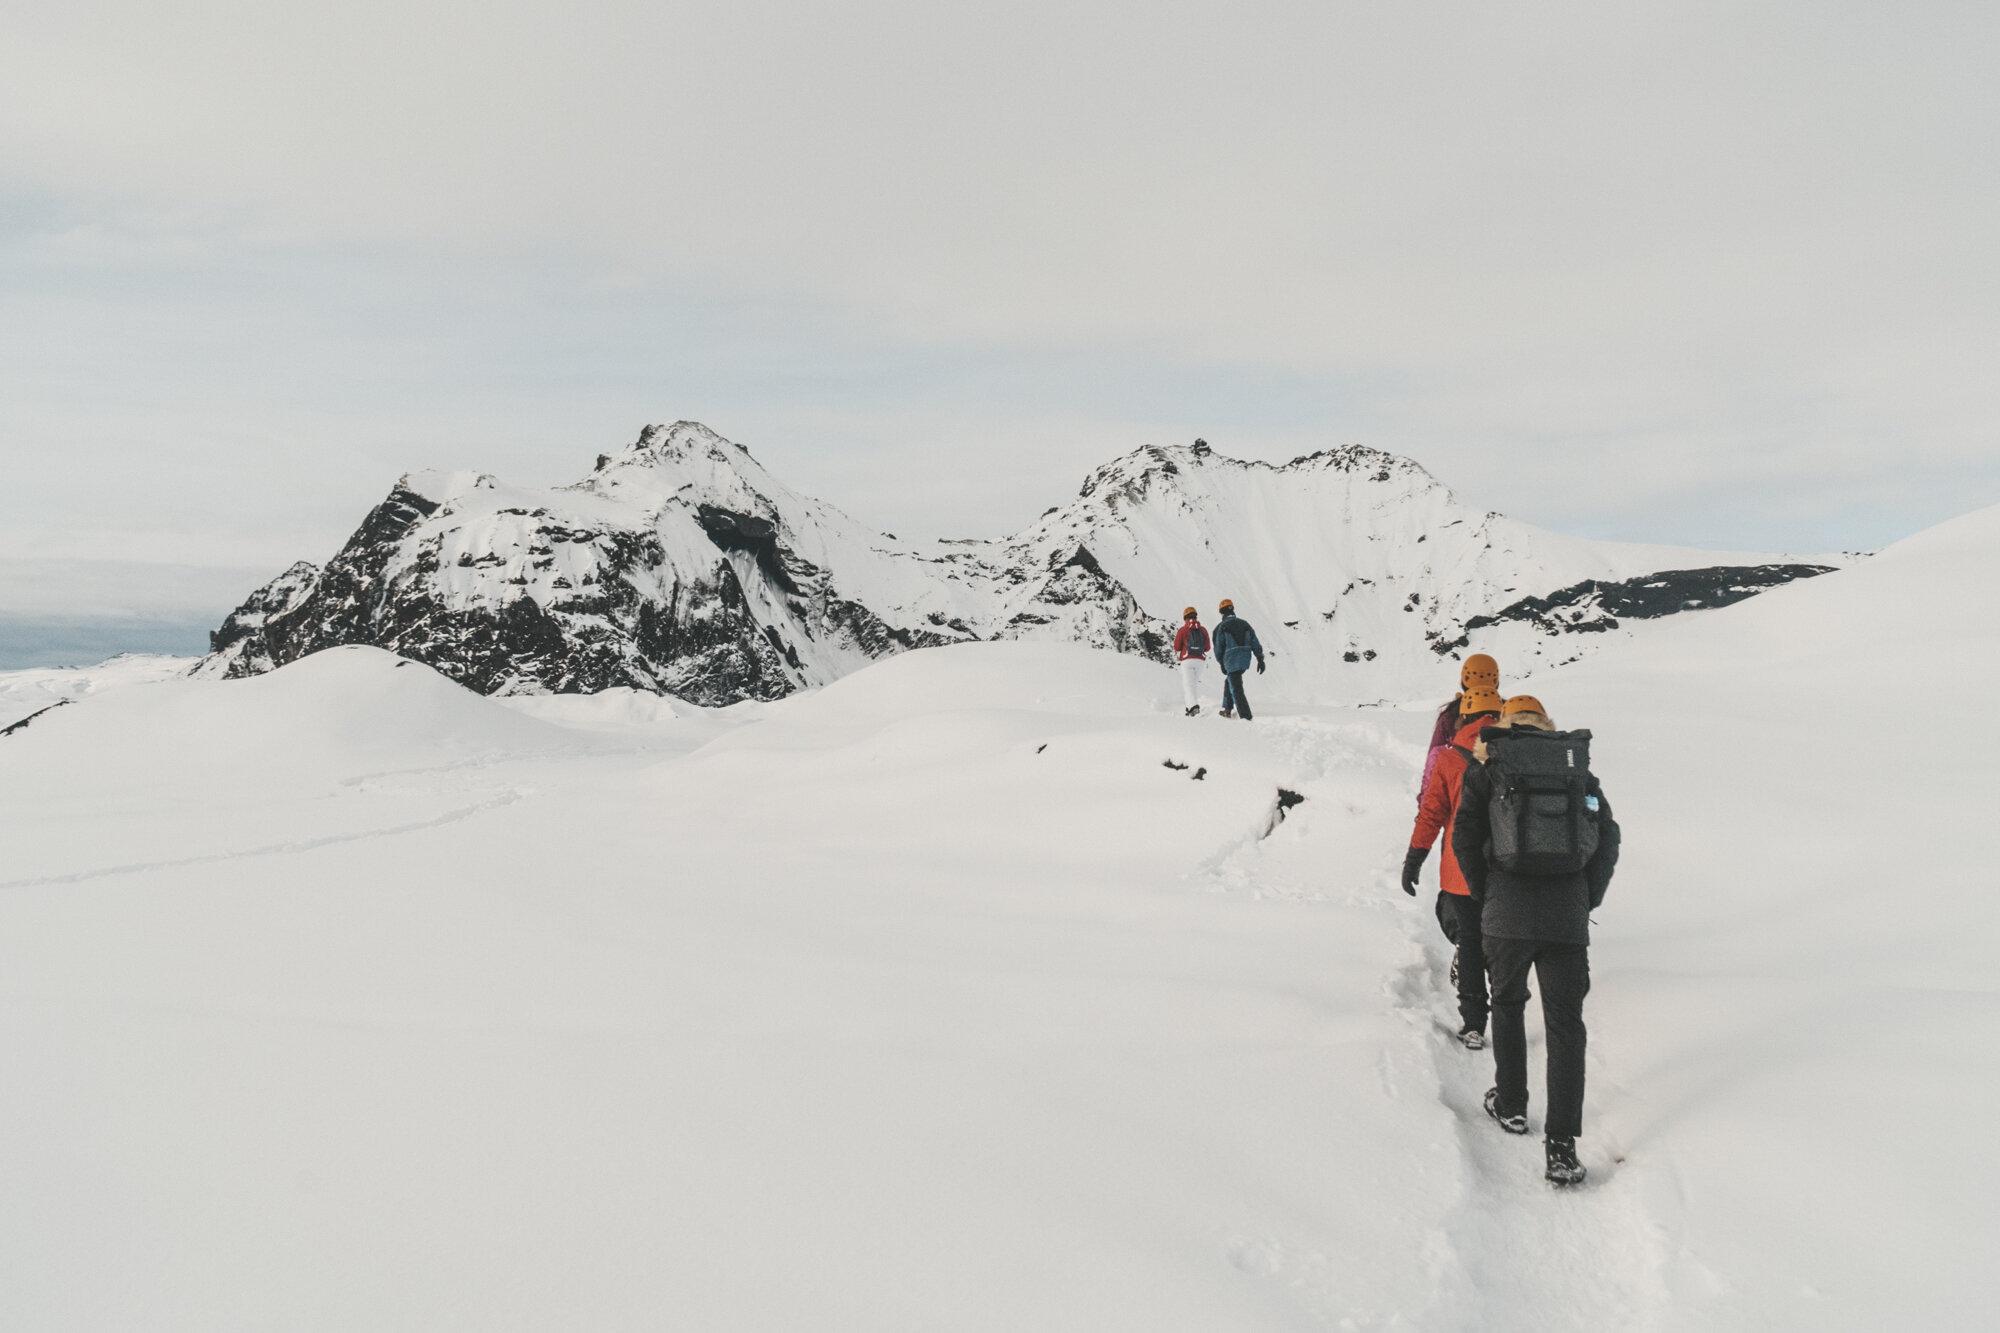 冰岛-维克-冰川洞穴illumelation - beplay3体育官方下载2. - jpg